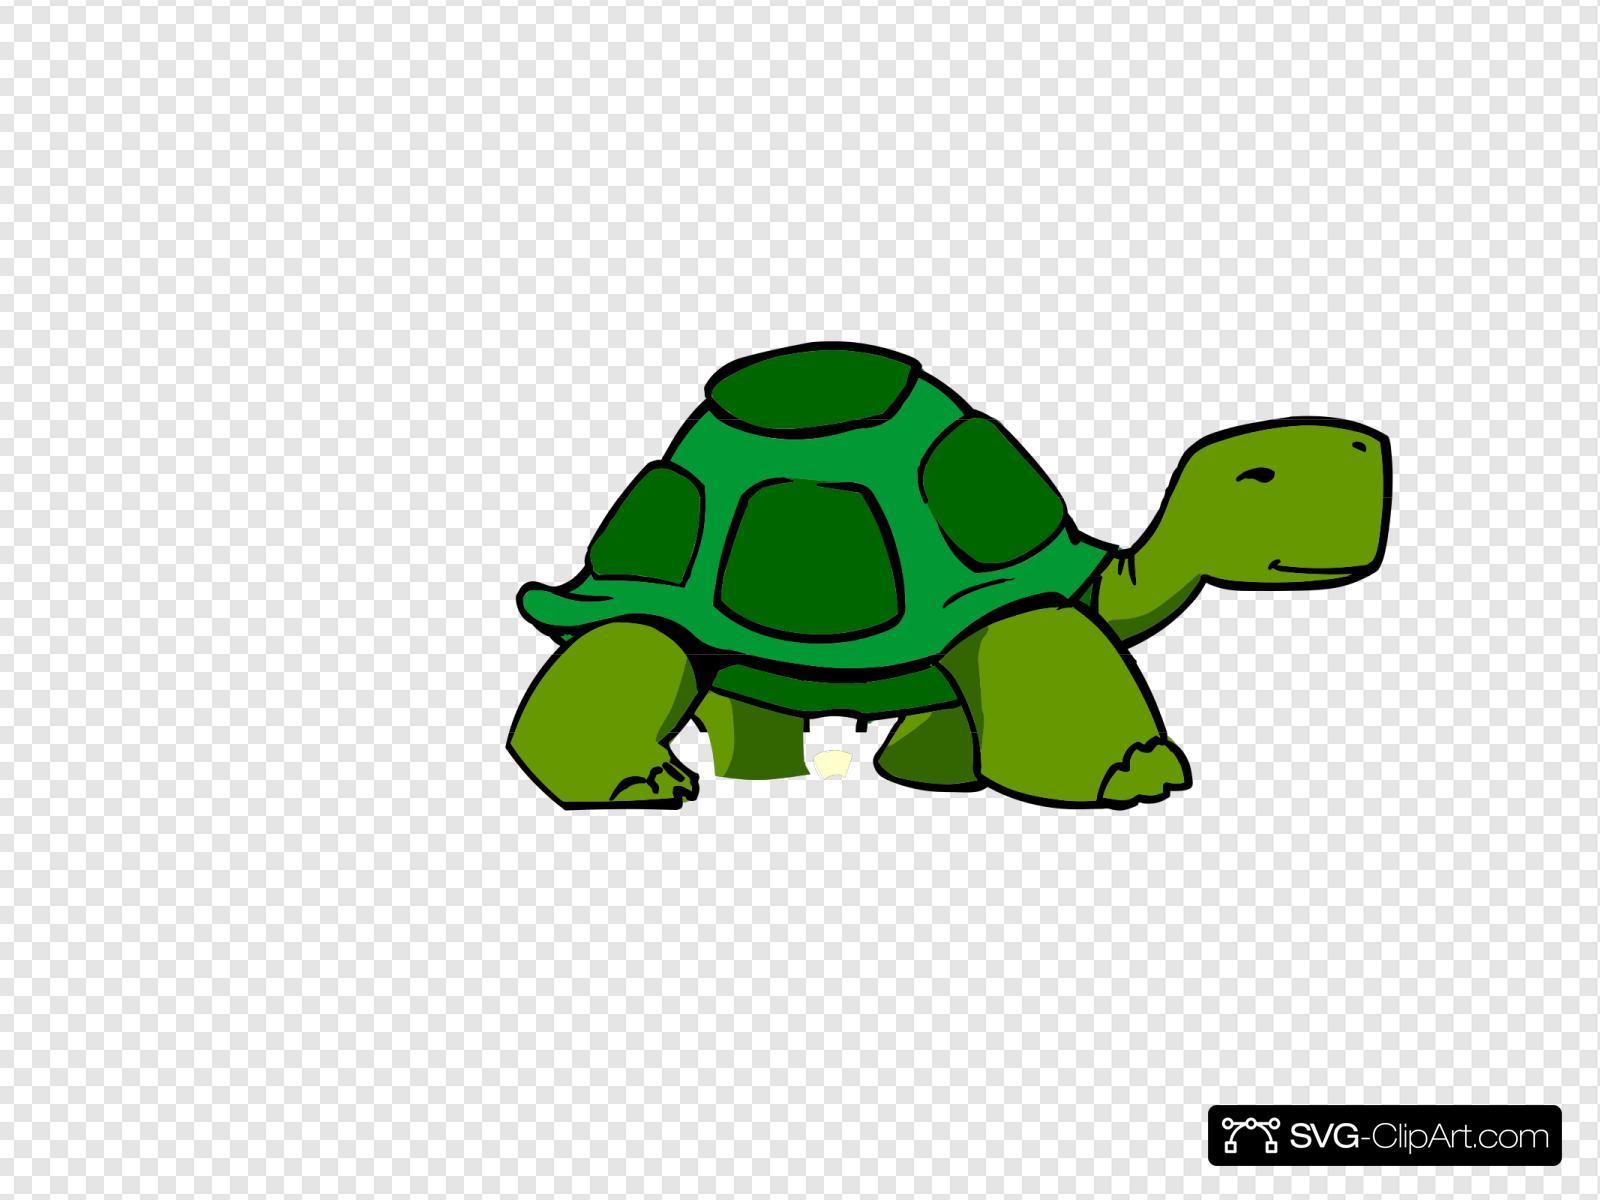 Slow Turtle Clipart - Clip Art Bay